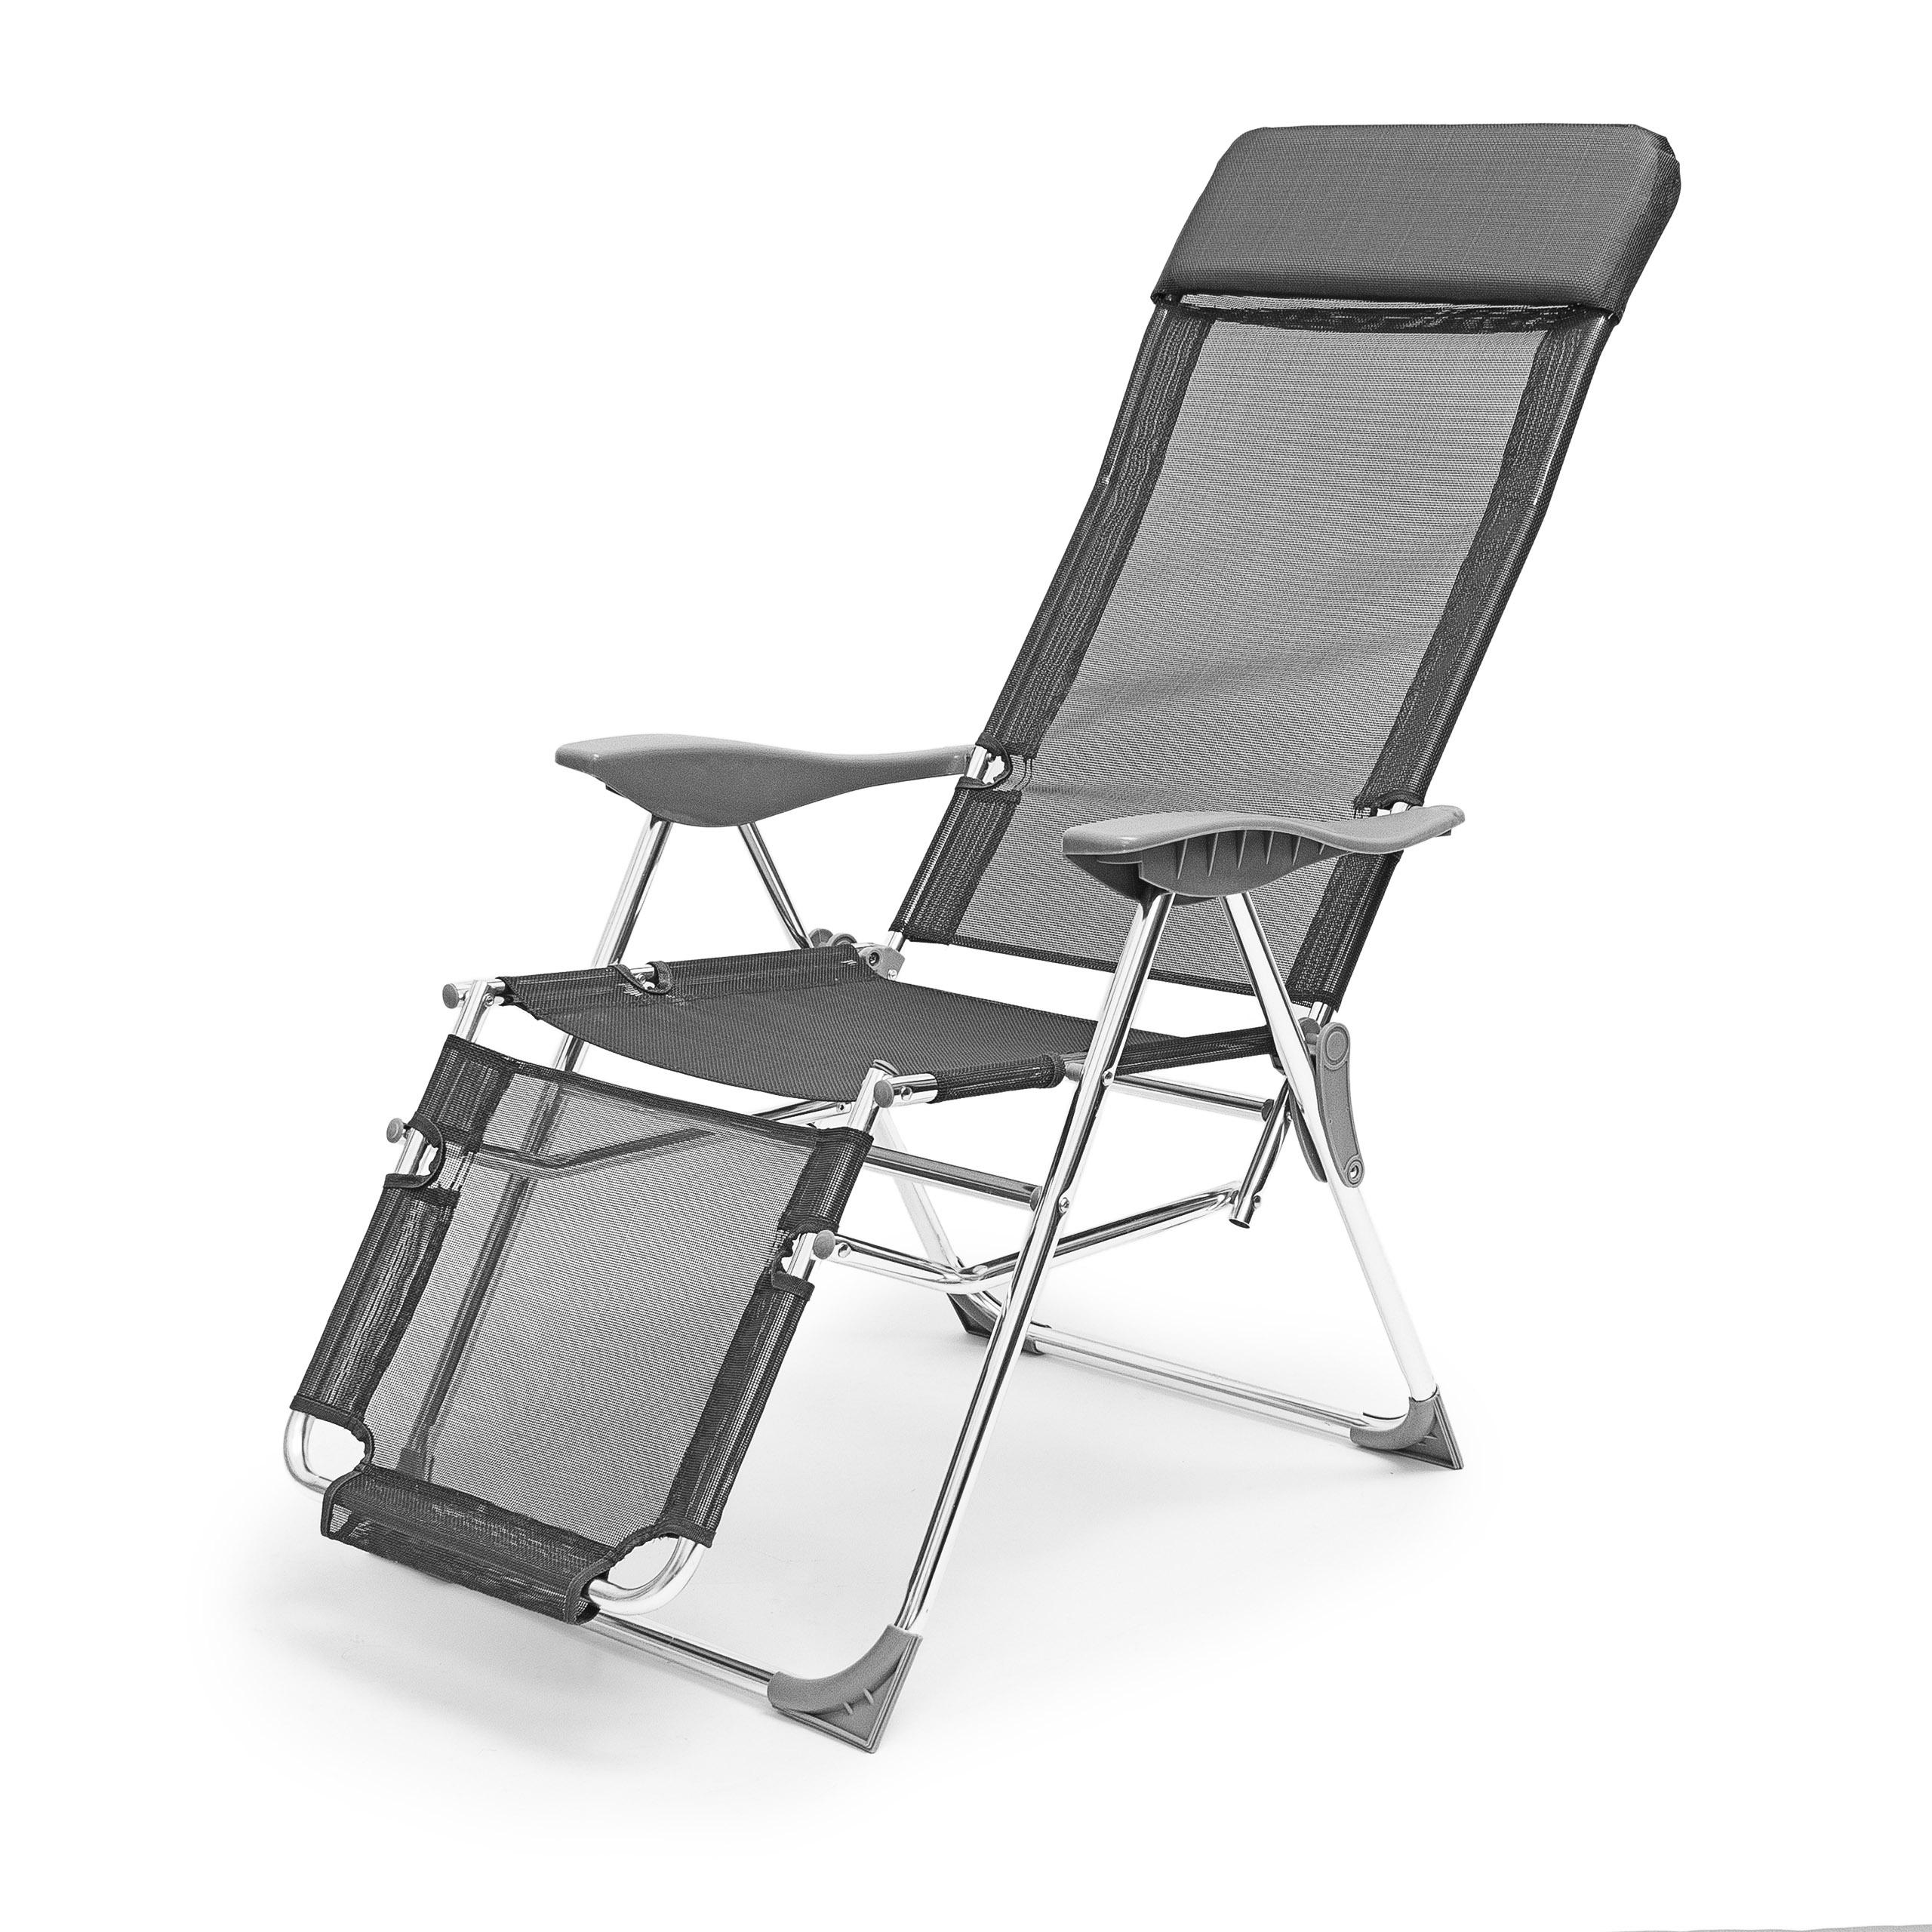 liegestuhl klappbar relaxliege klappstuhl gartenstuhl